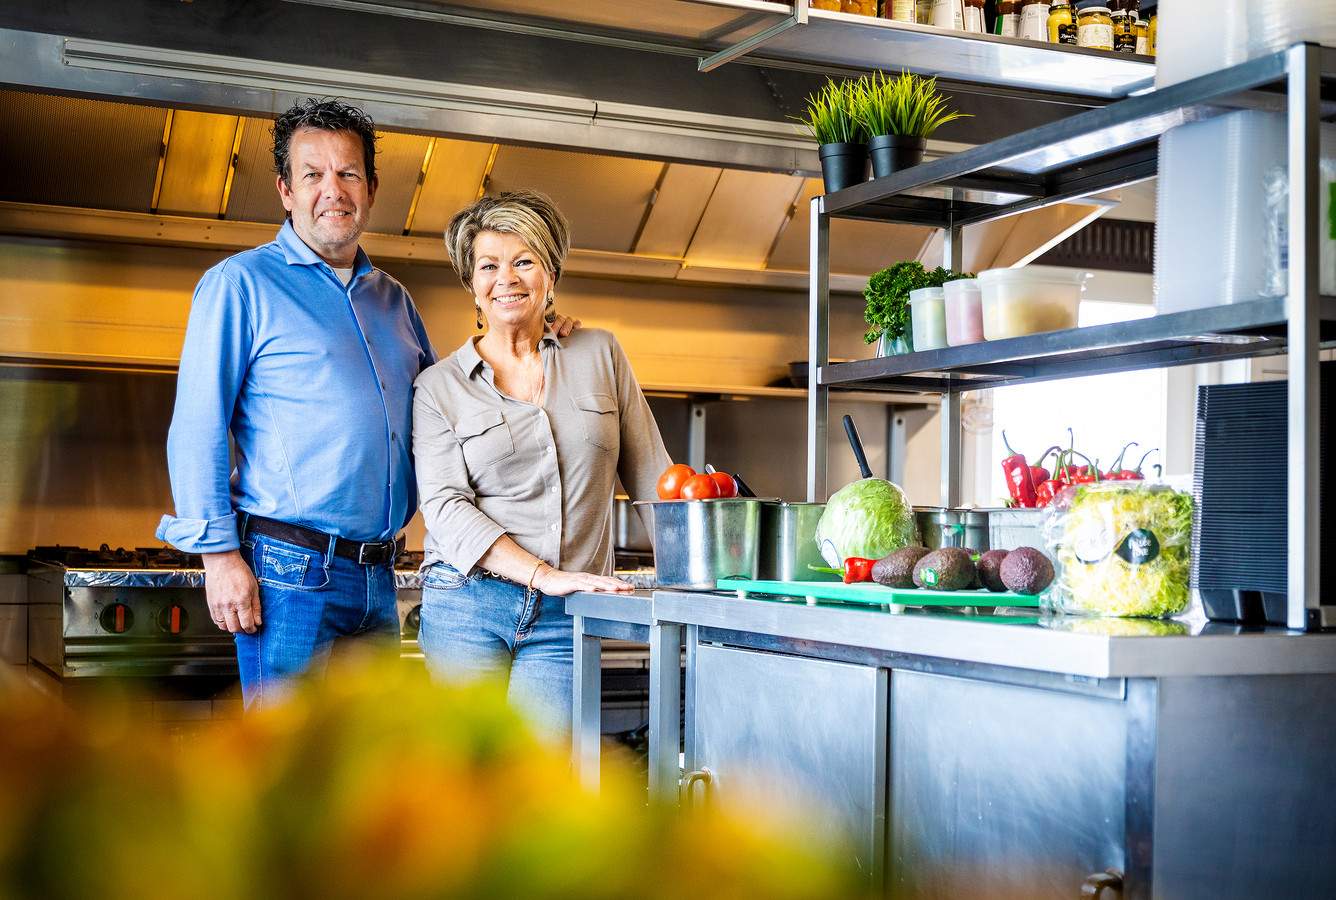 De eigenaren van 't Schippershuis in Numansdorp in de keuken van hun restaurant, waar ze zich voorbereiden op de restaurantwandeling.